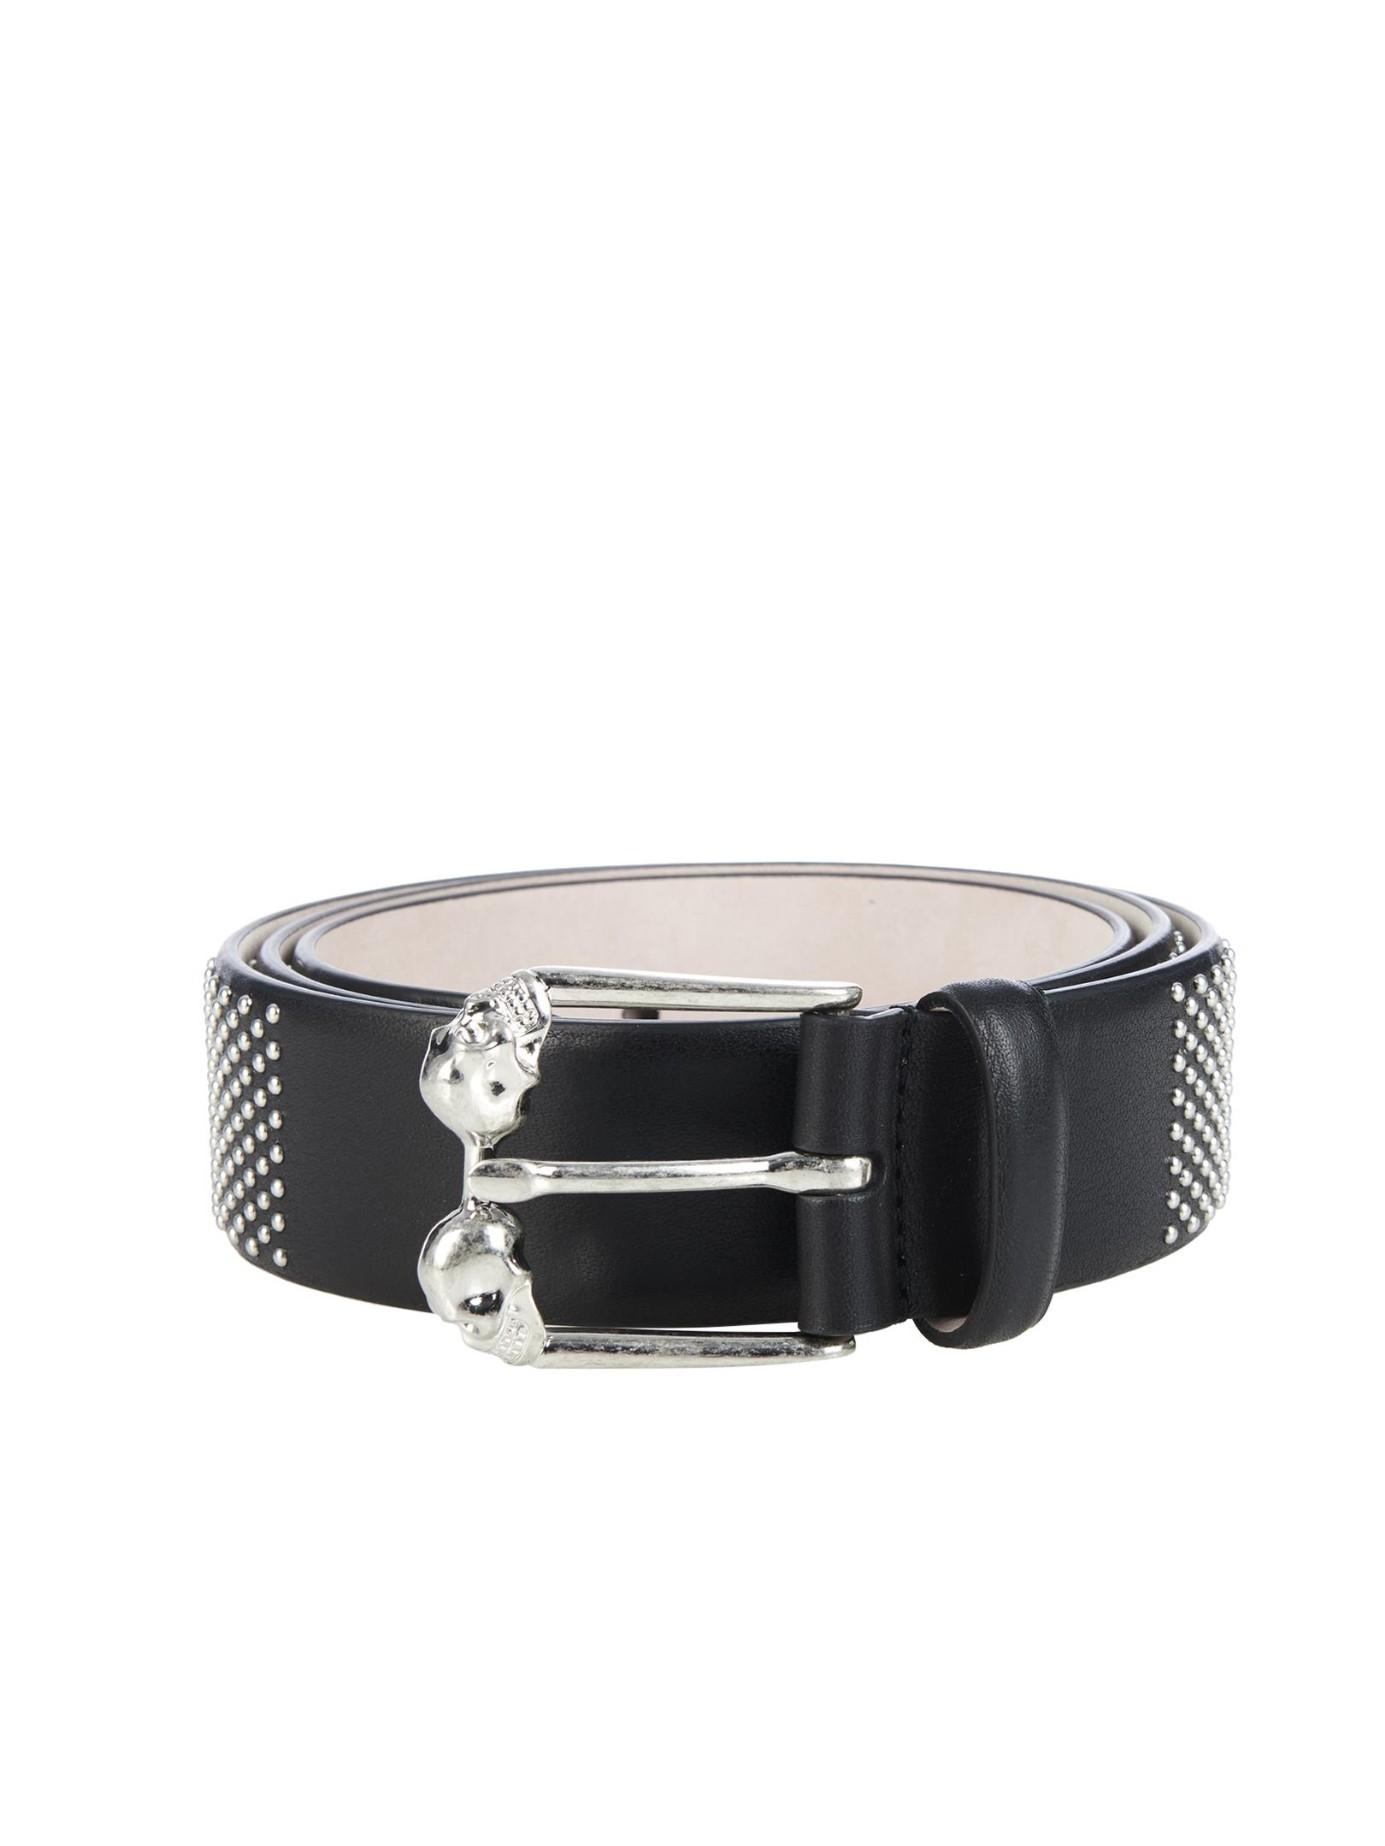 Black and Gold Studded Belt Alexander McQueen eYwOeAm